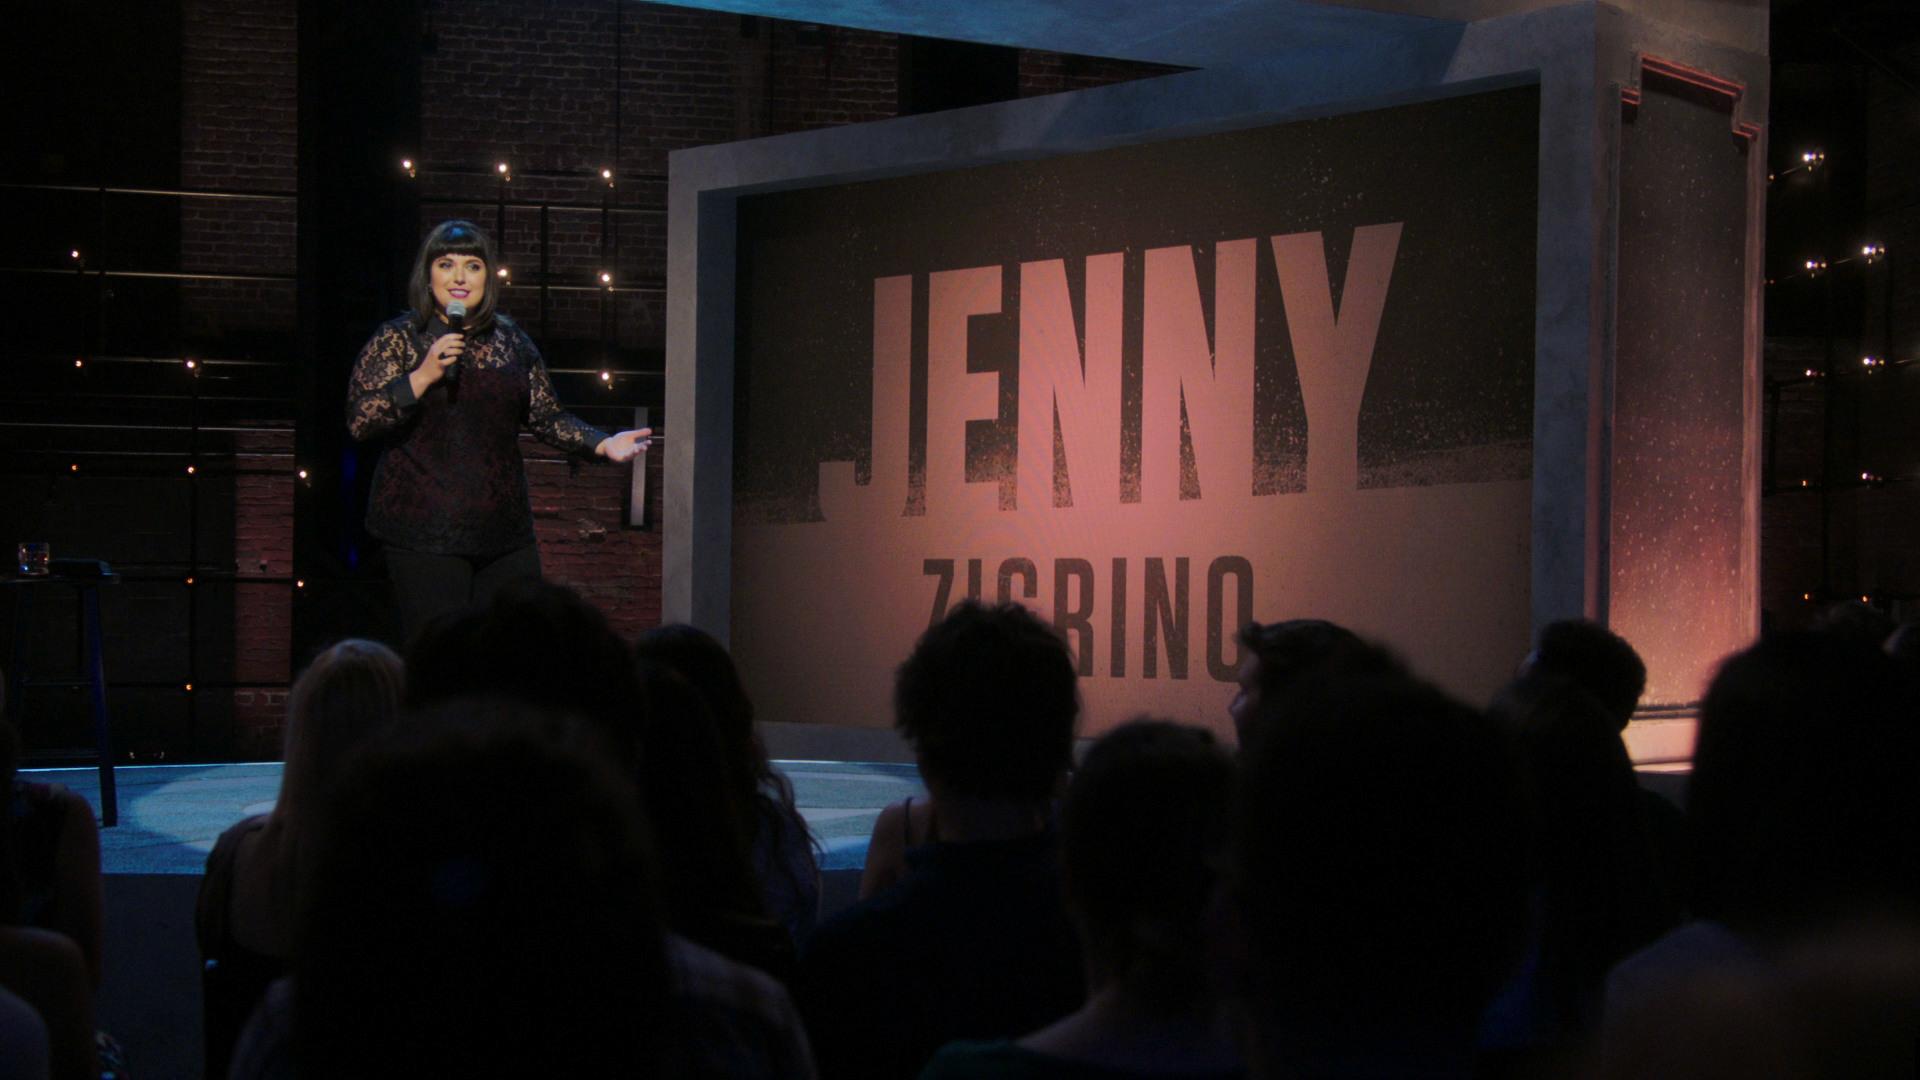 Jenny Zigrino